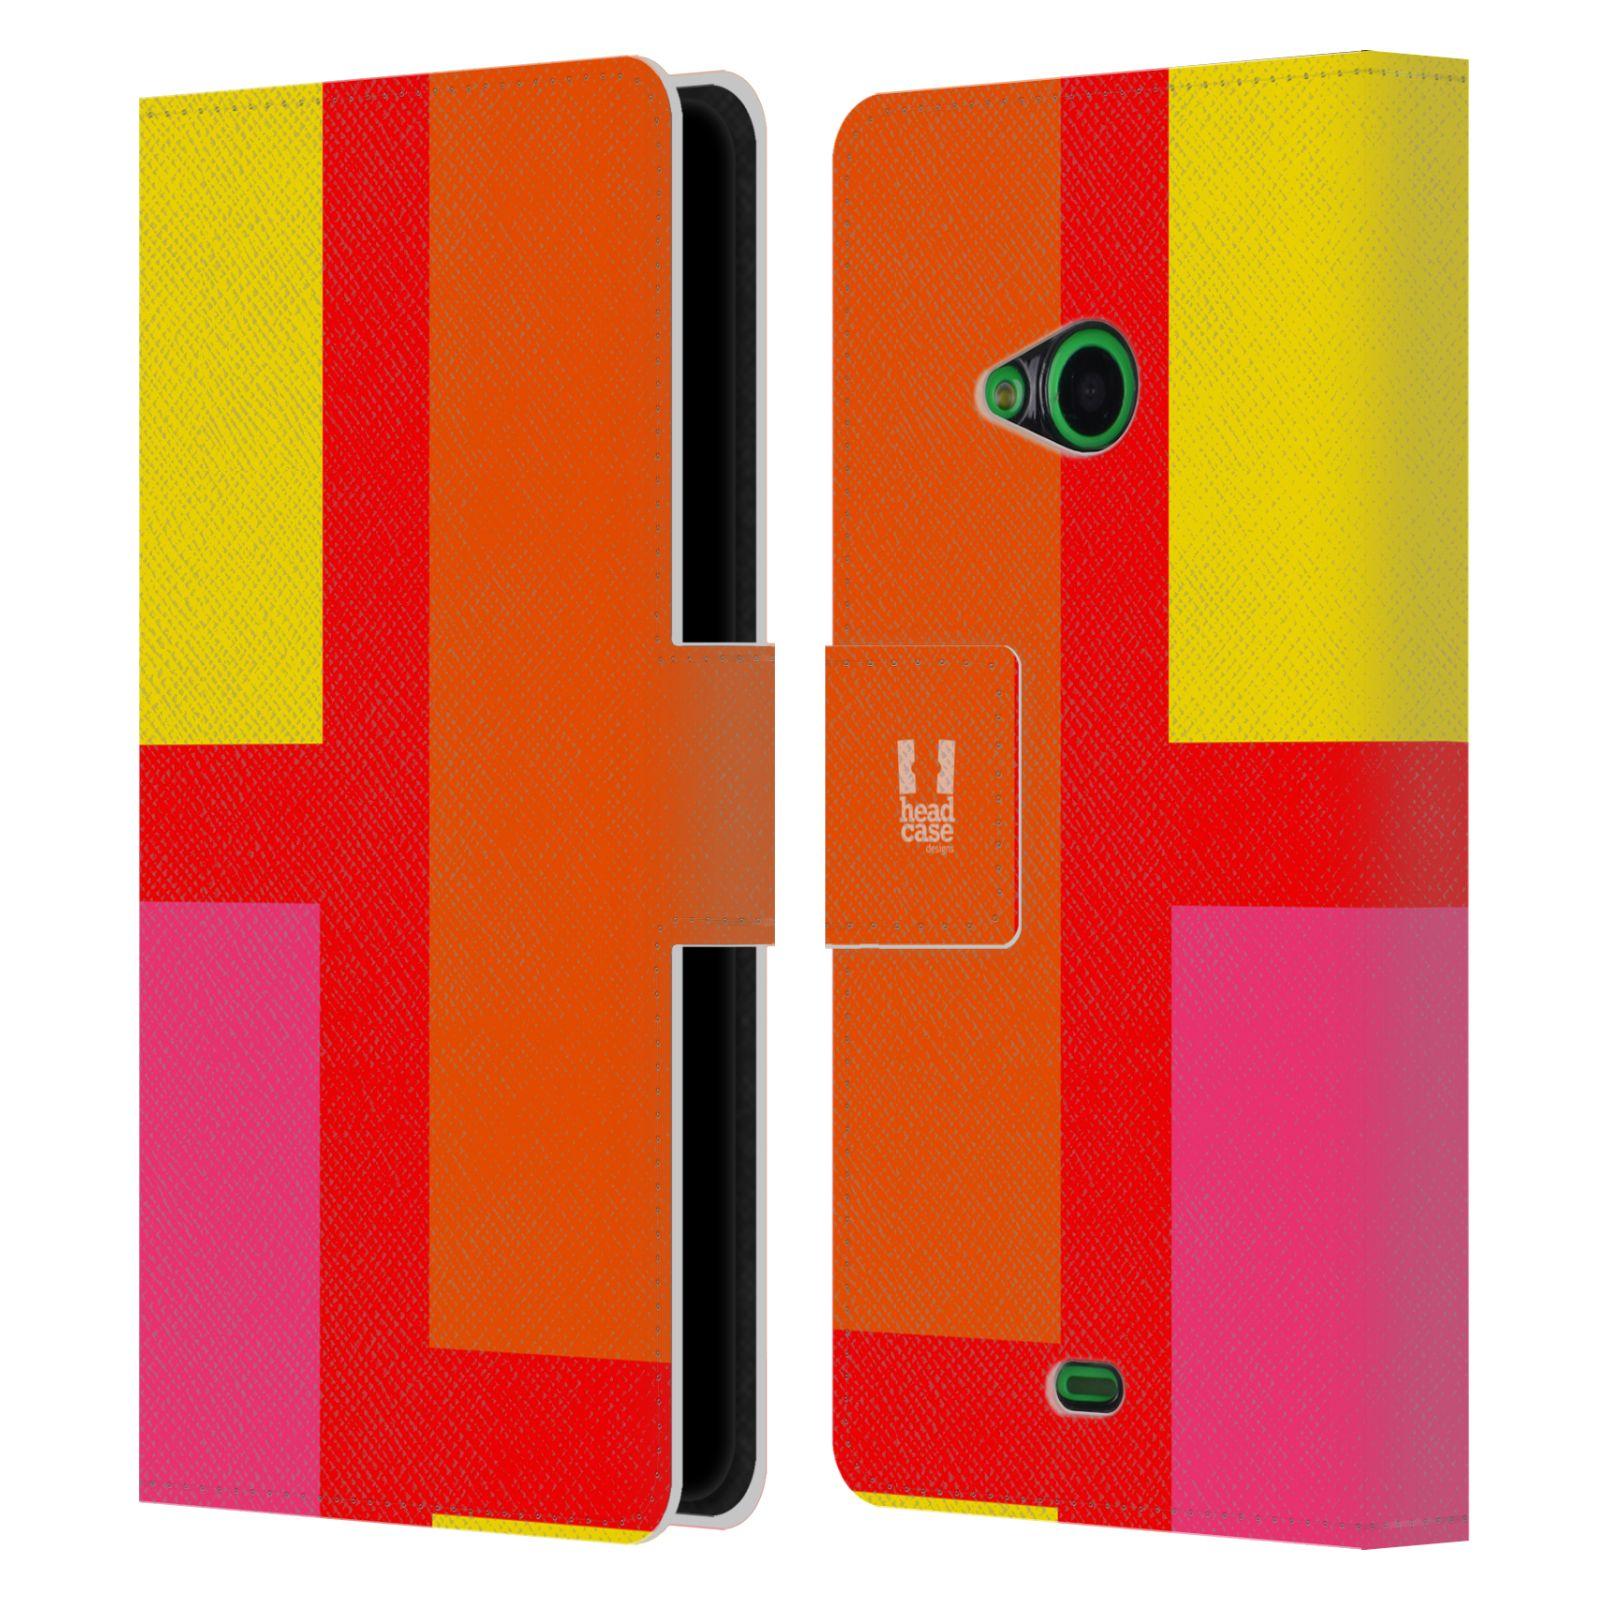 HEAD CASE Flipové pouzdro pro mobil Nokia LUMIA 535 barevné tvary oranžová ulice